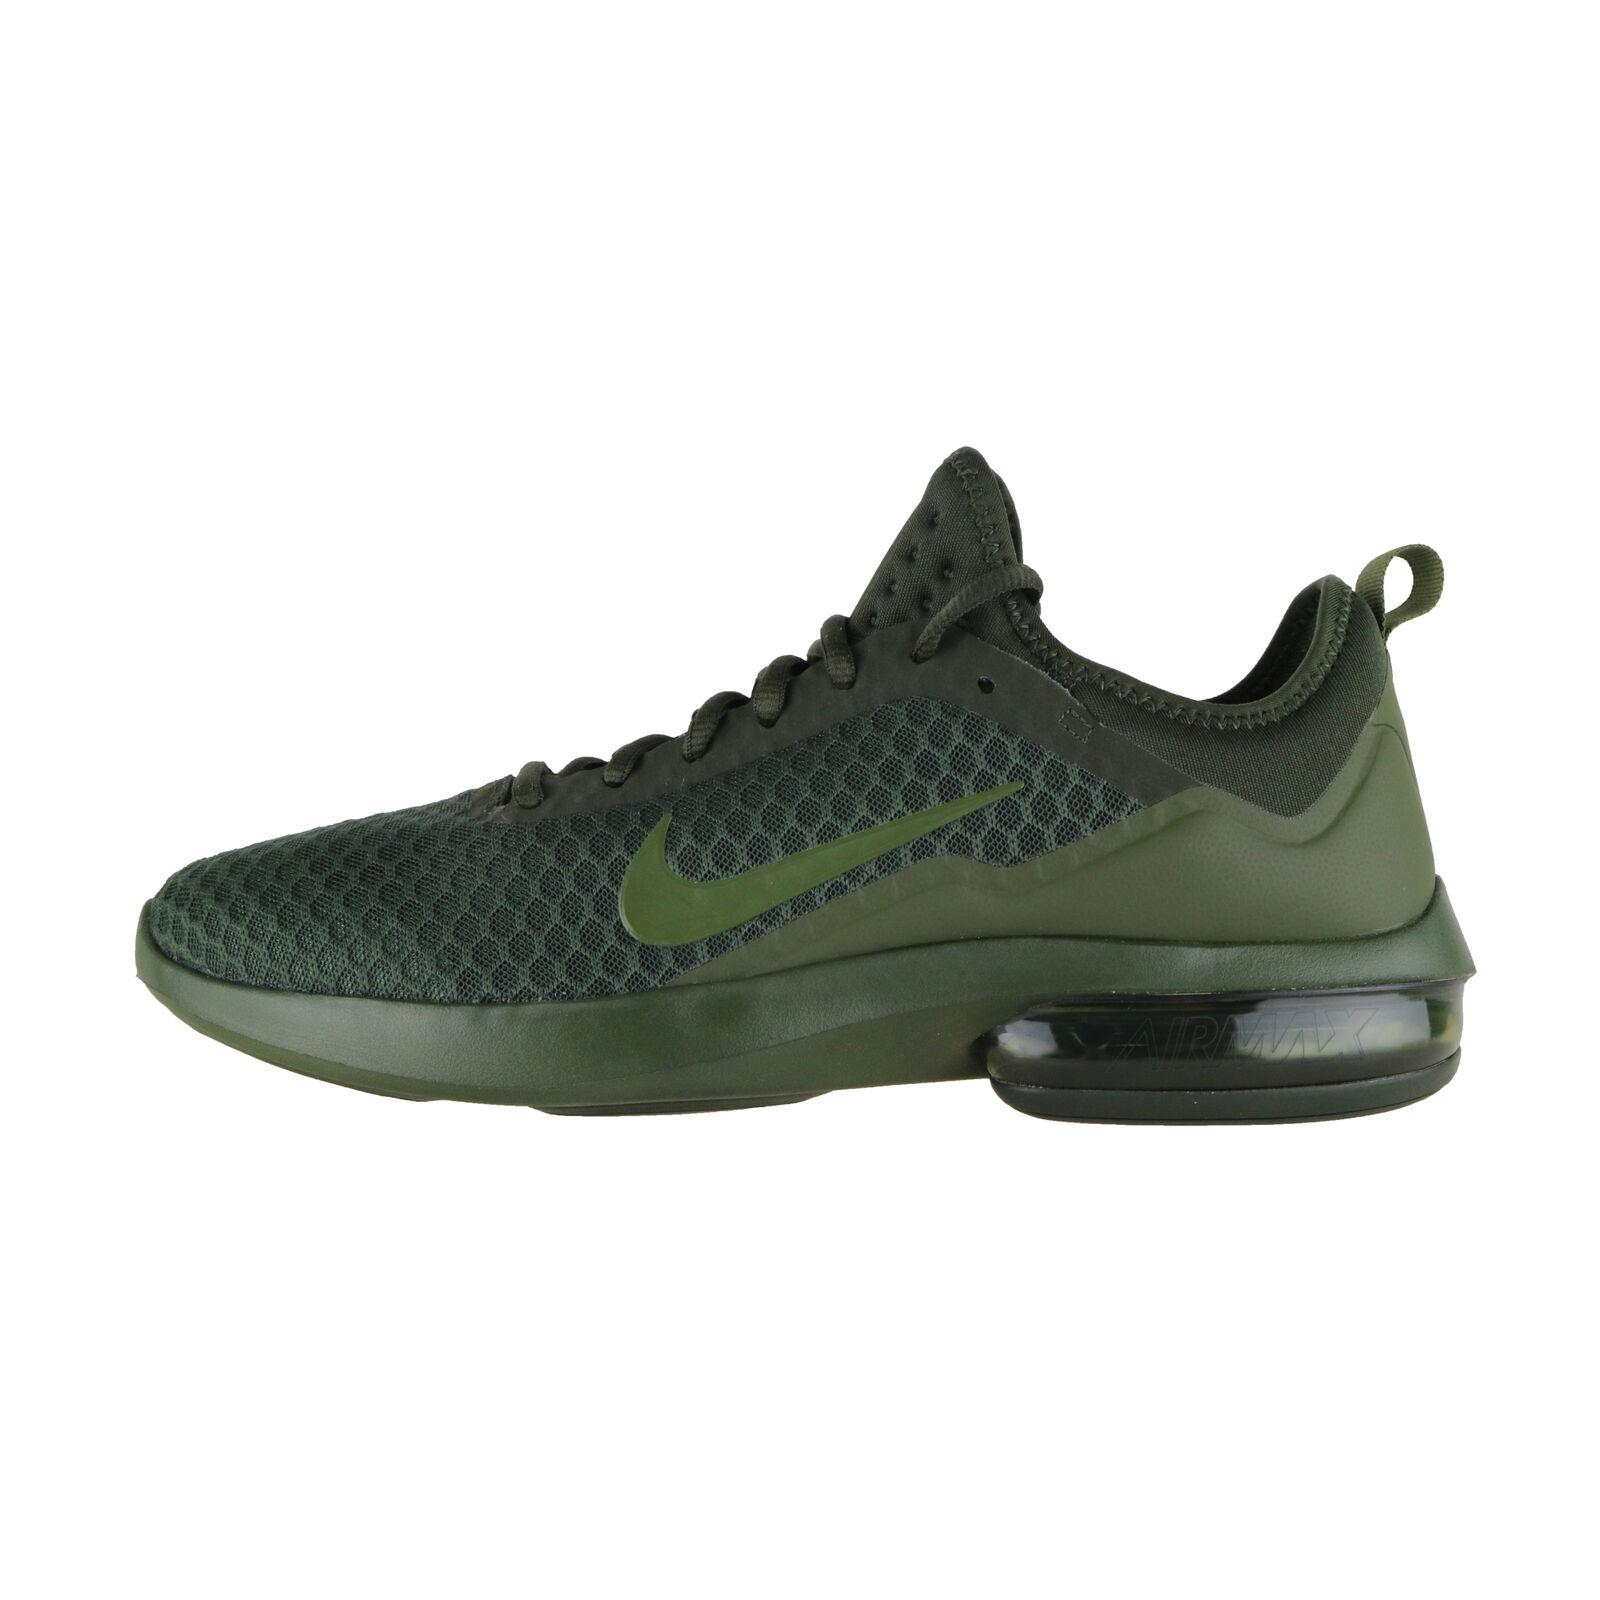 Details zu Nike Air Max Kantara khaki 908982 300